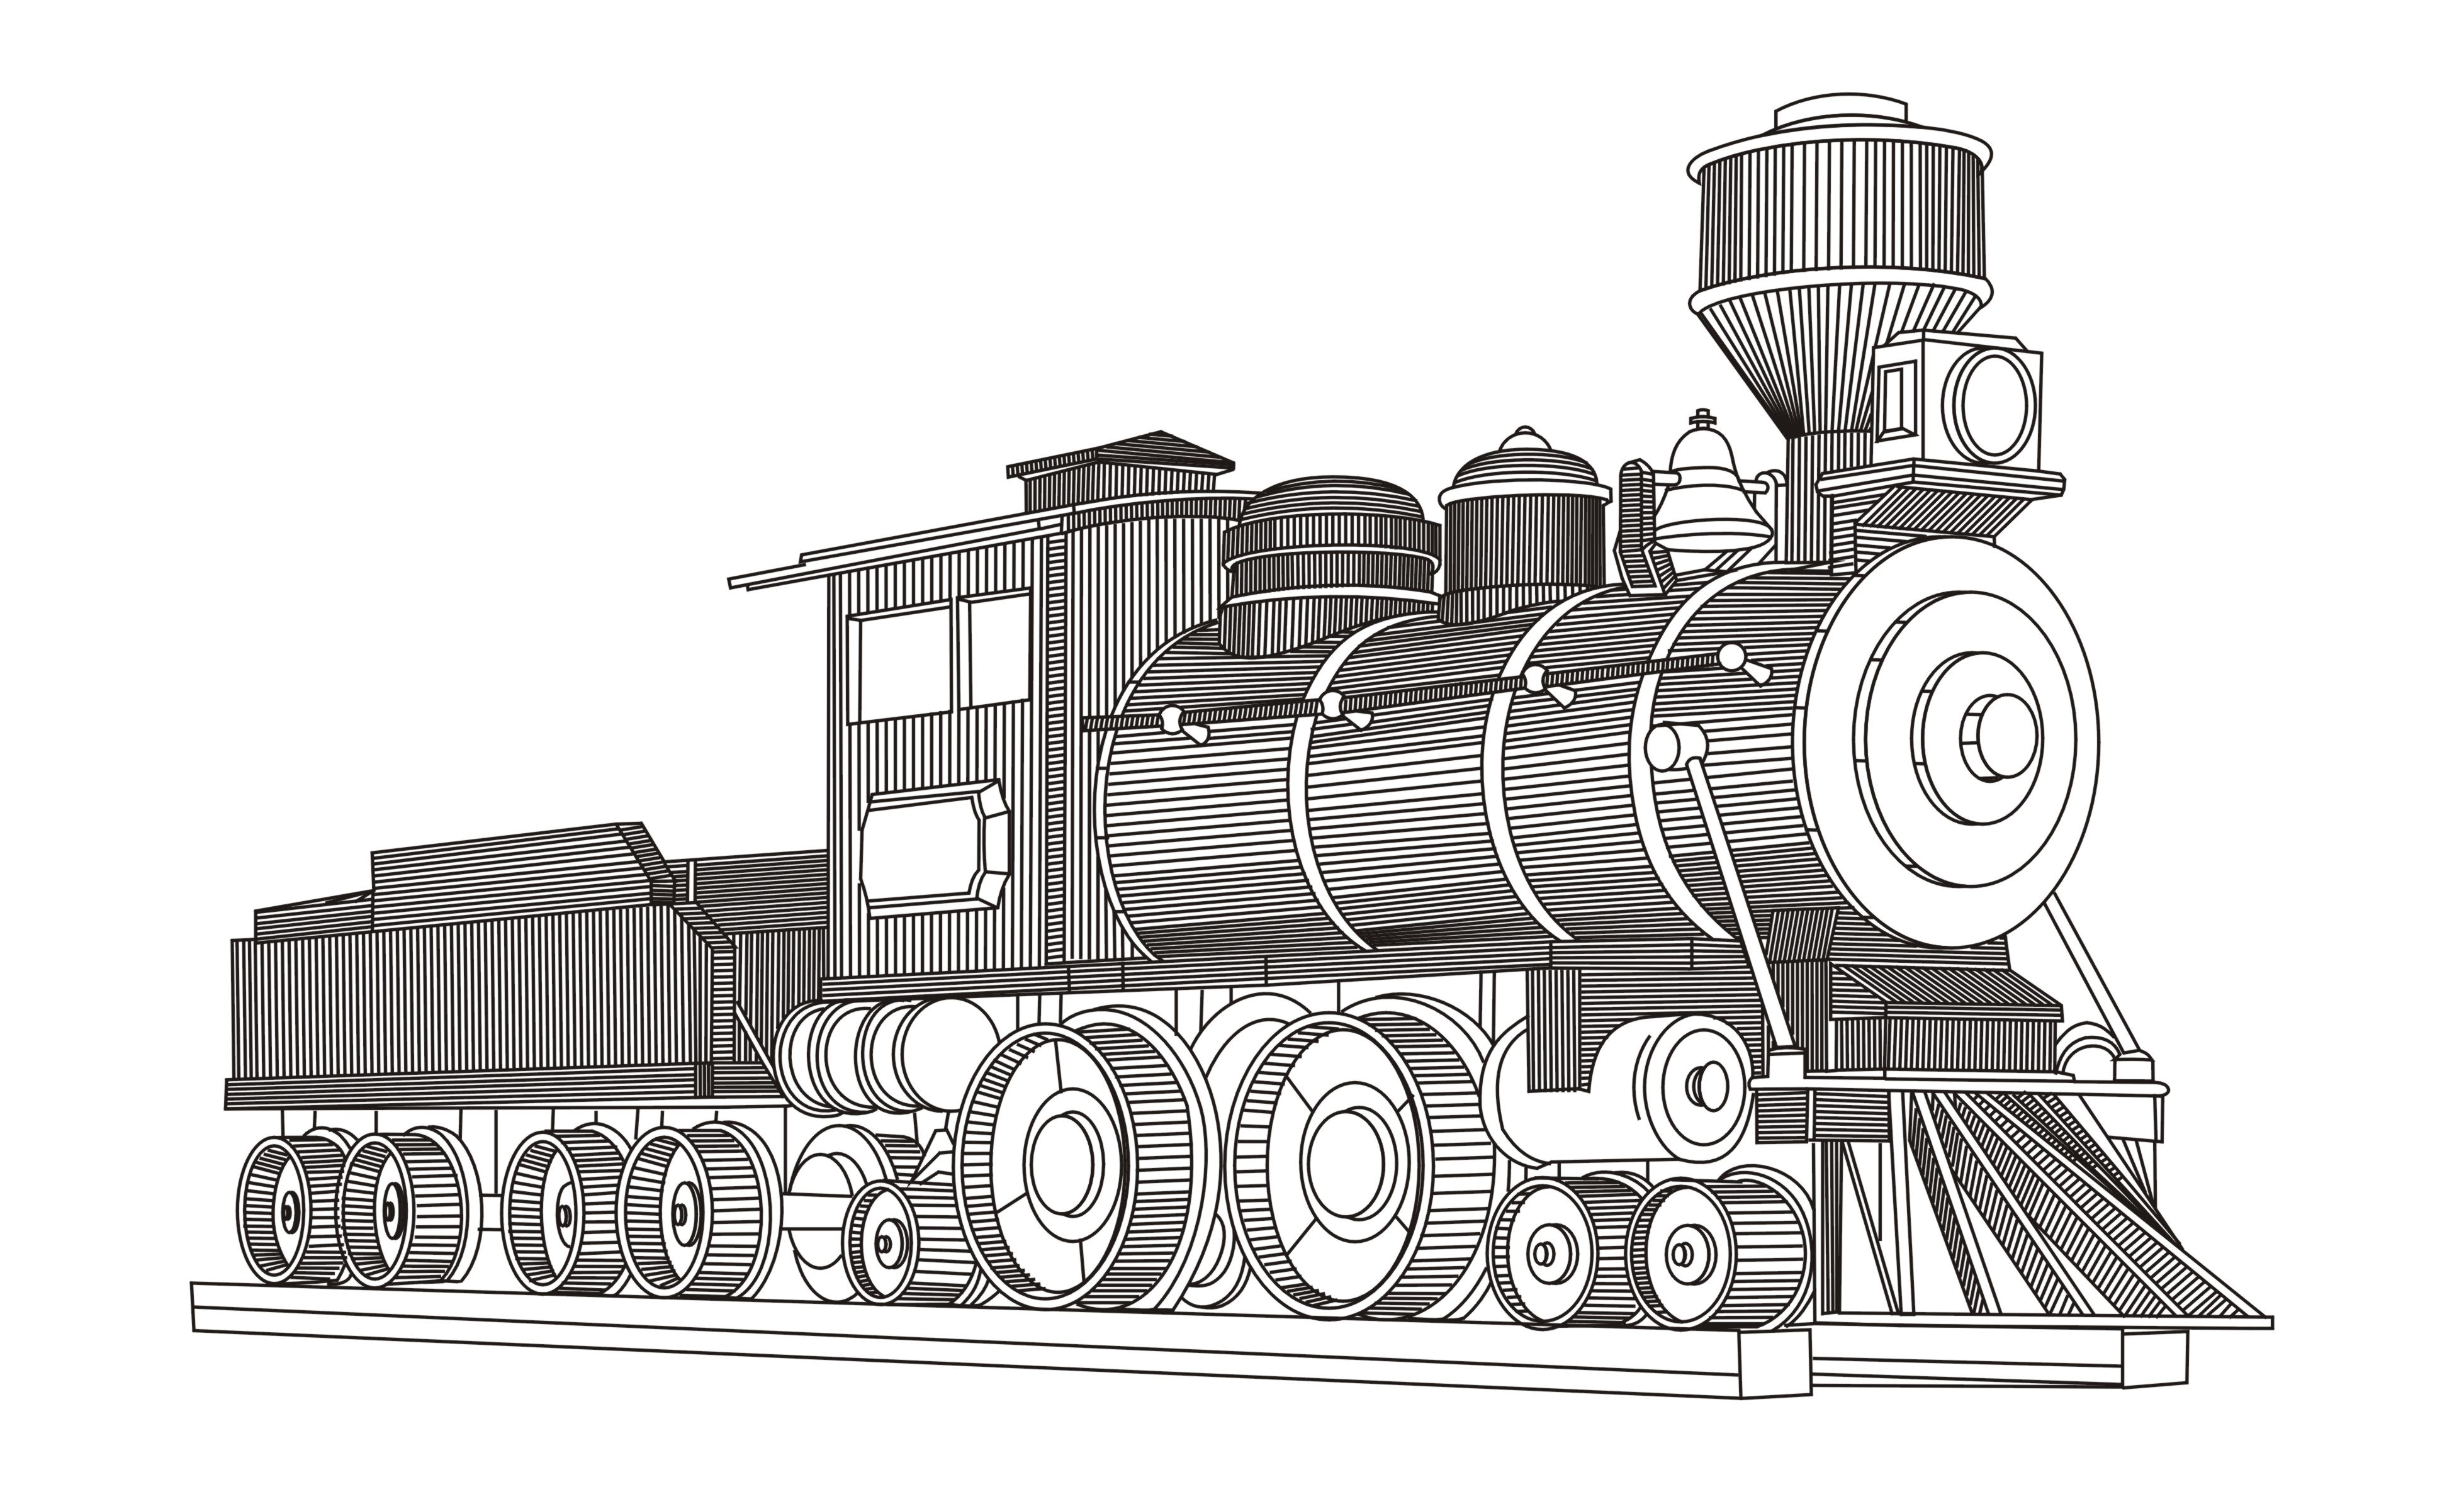 蒸汽火车头,只这个火车头就花费一天的时间才完工